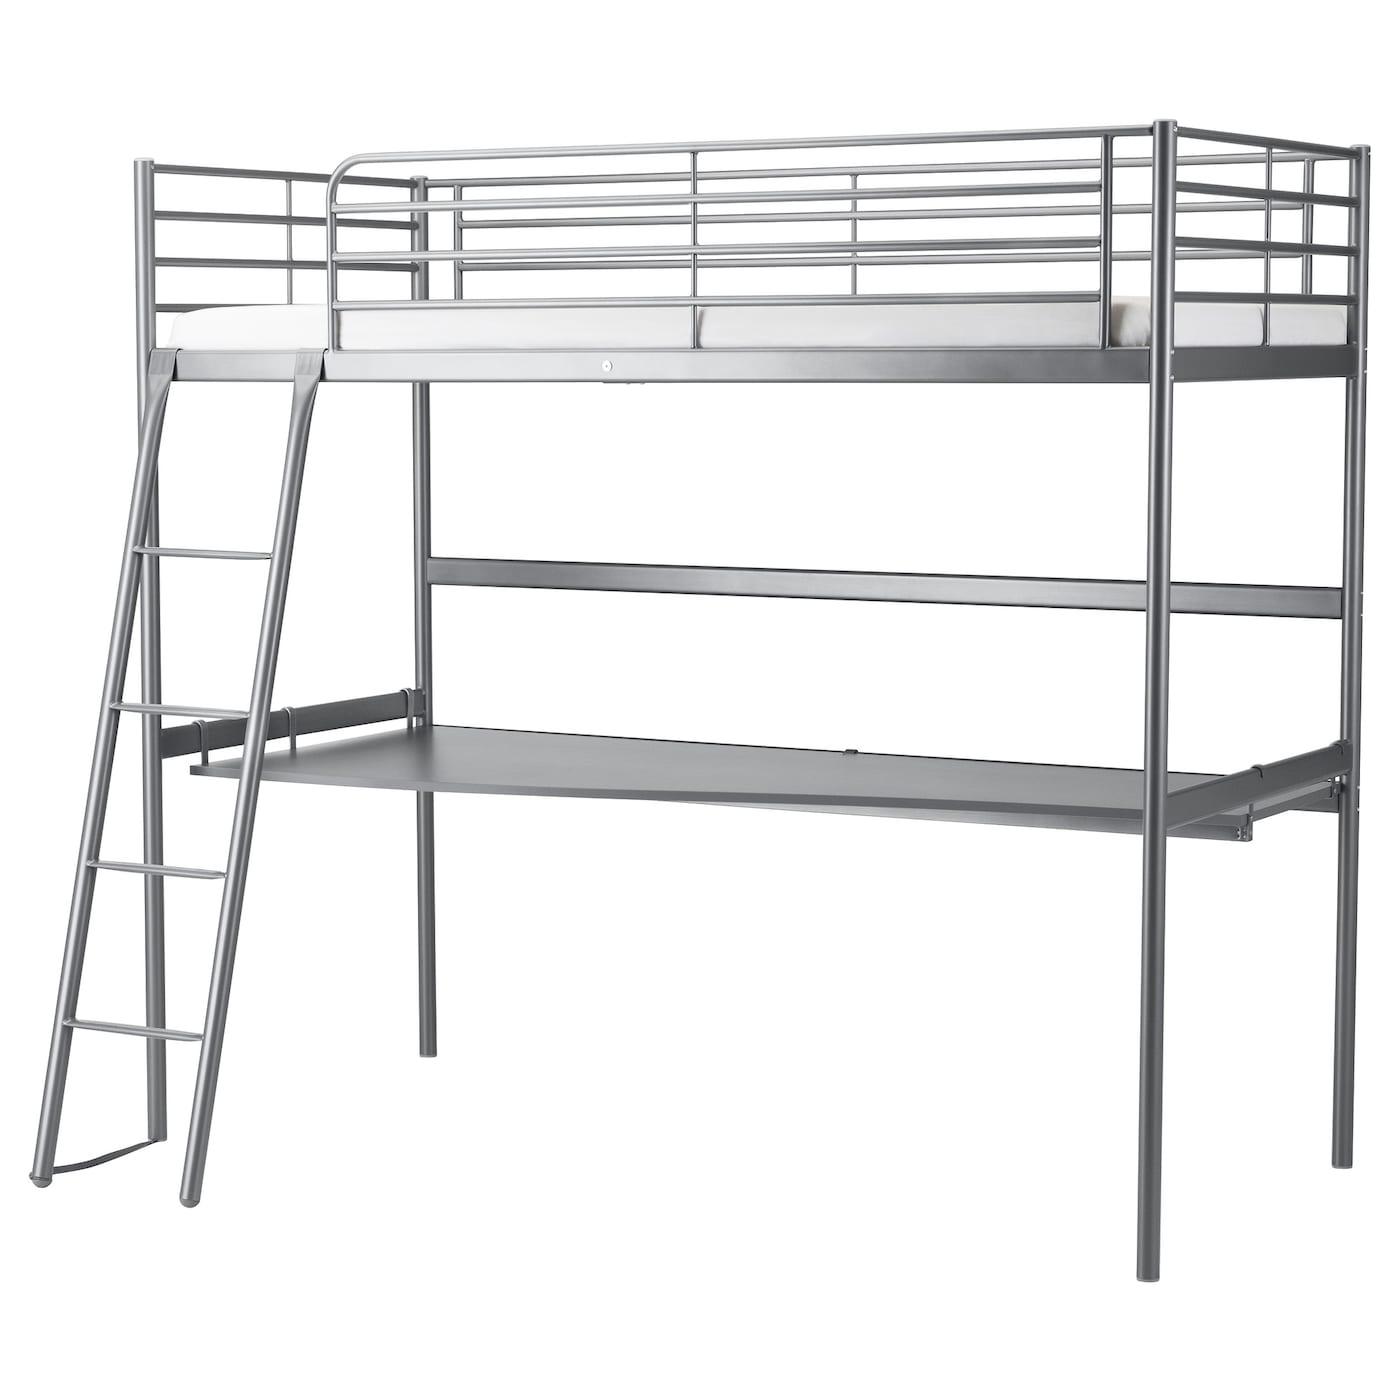 SVÄRTA | Schlafzimmer > Betten > Hochbetten | Laminat - Abs | IKEA